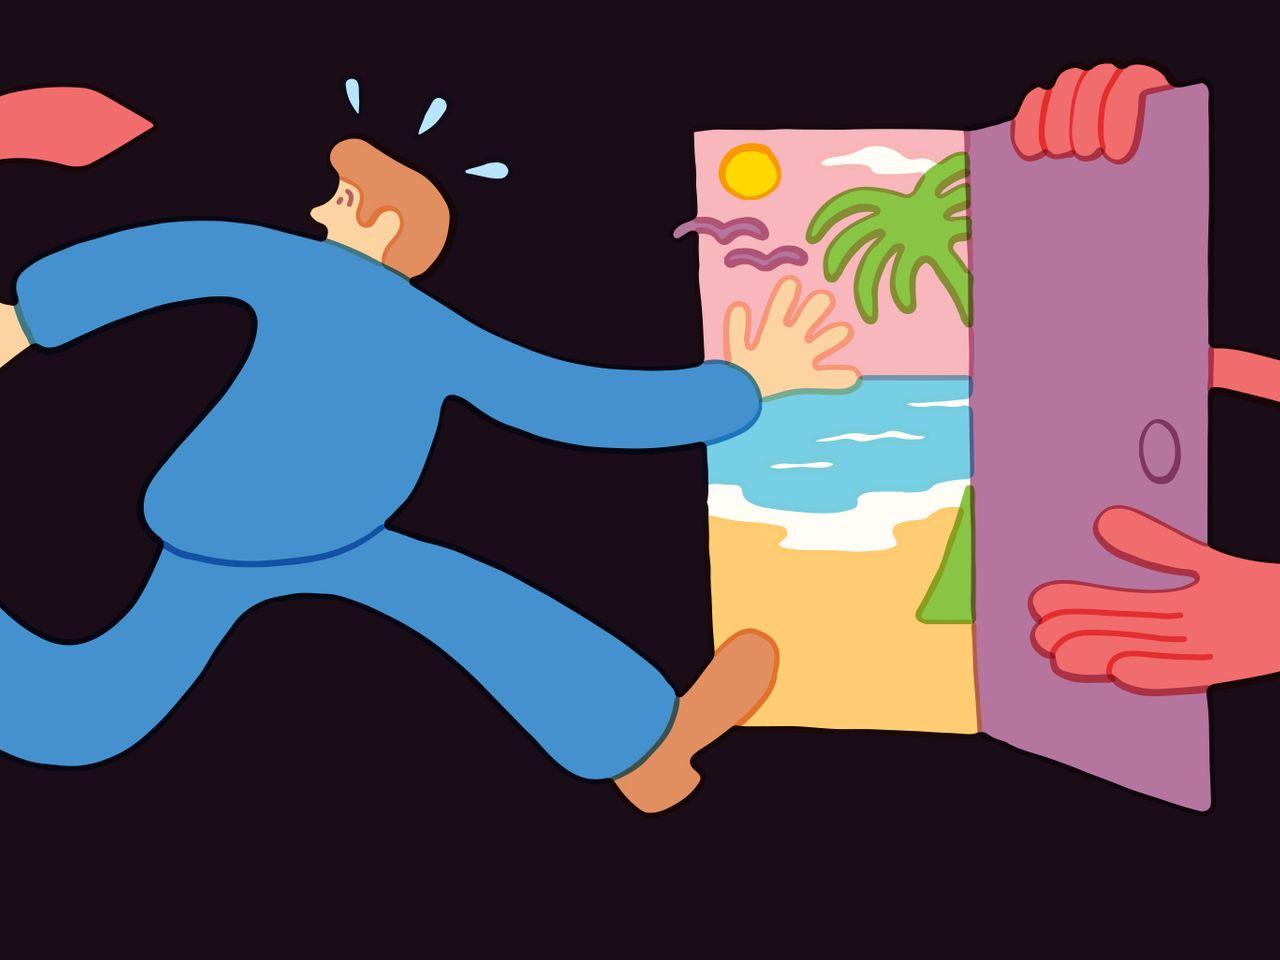 Nghỉ hưu sớm trong thời kì khủng hoảng có phải là điều nên làm? - Ảnh 1.